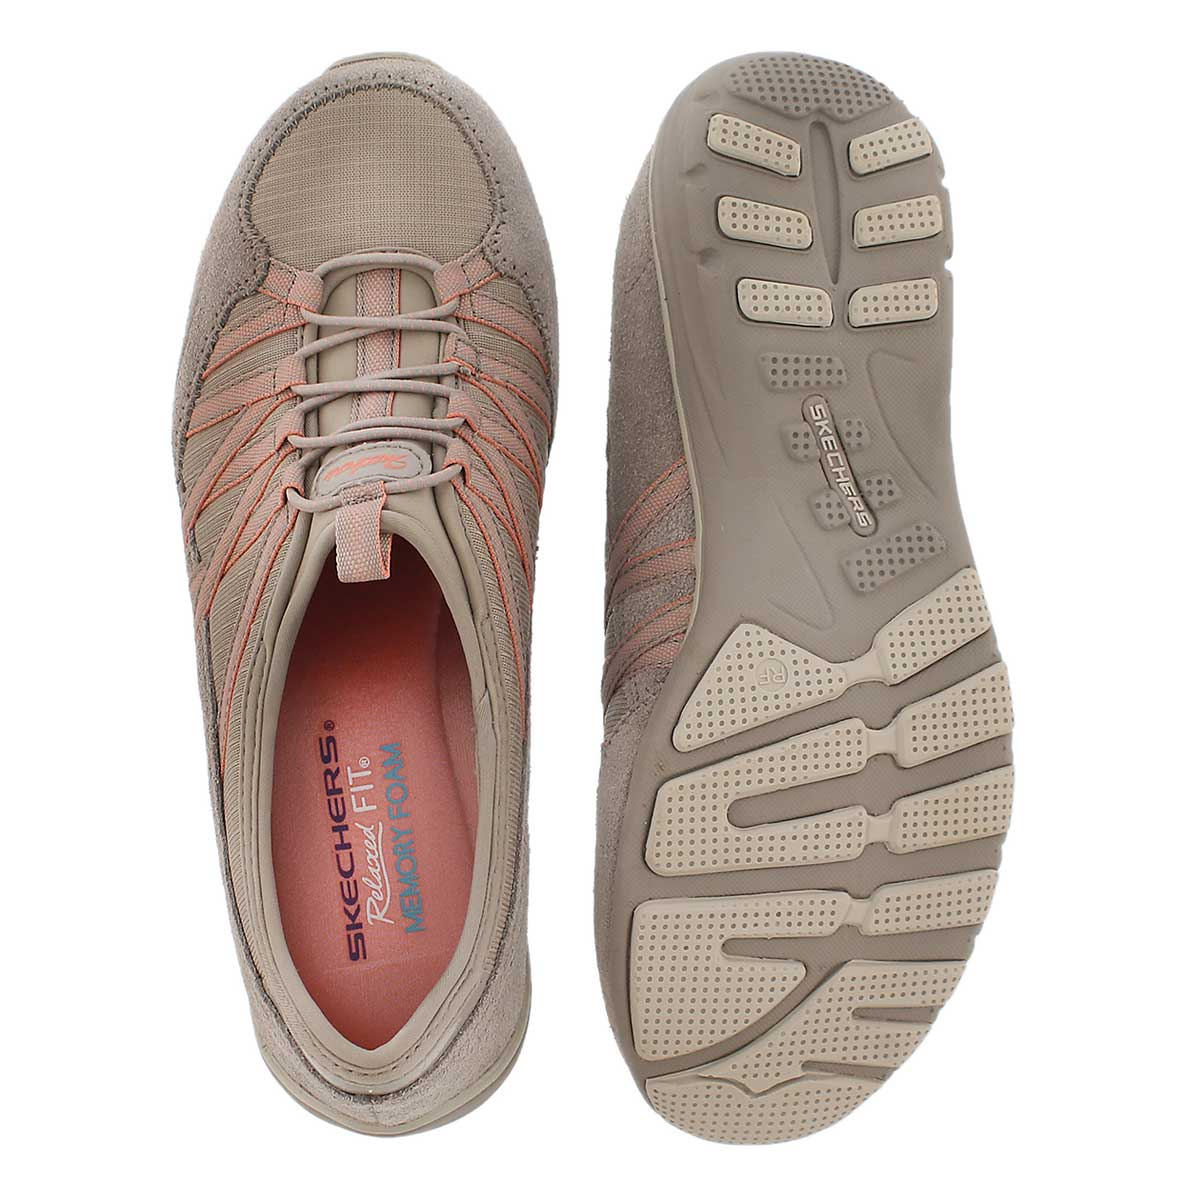 Lds Holding Aces tpe/crl slipon sneaker